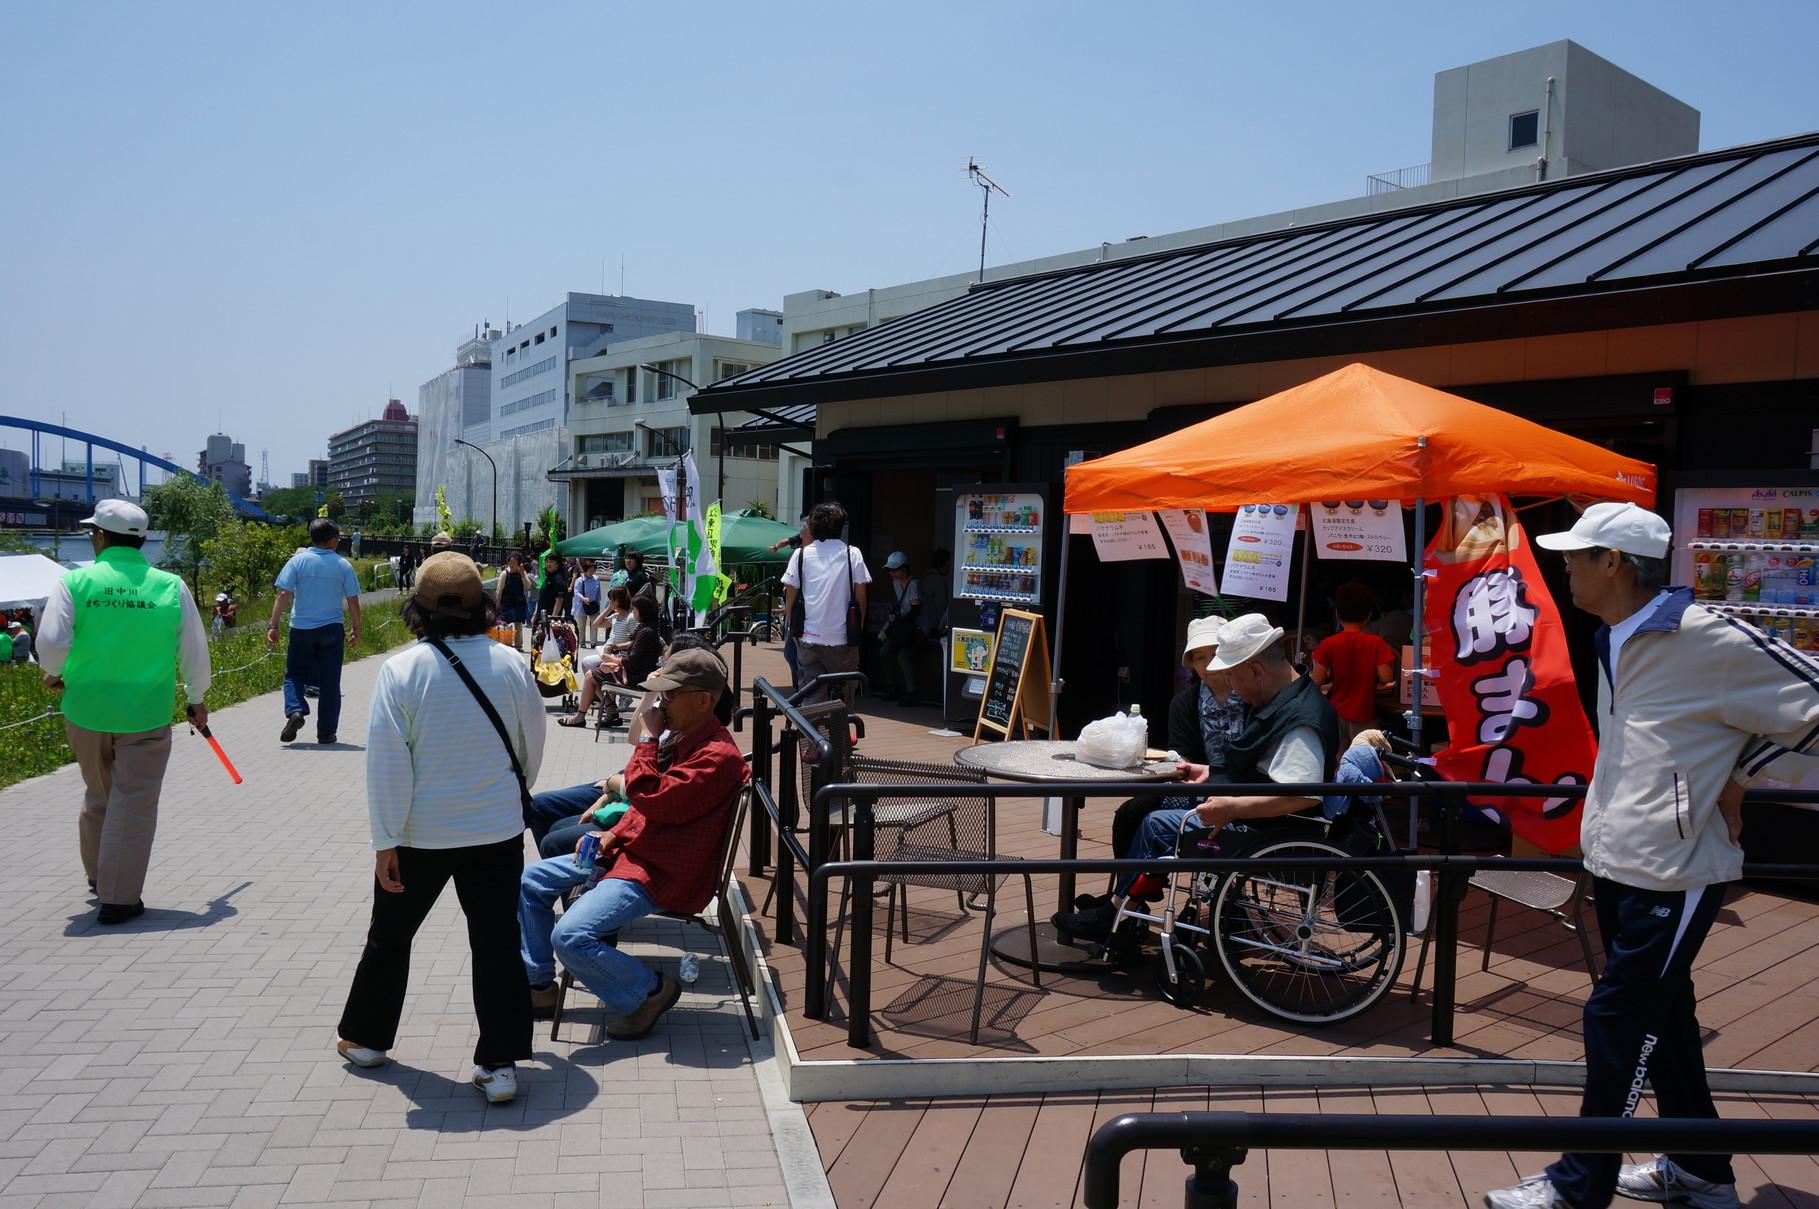 いよいよ待ちに待った「第1回中川そらまめ祭り」の当日がやってまいりました!